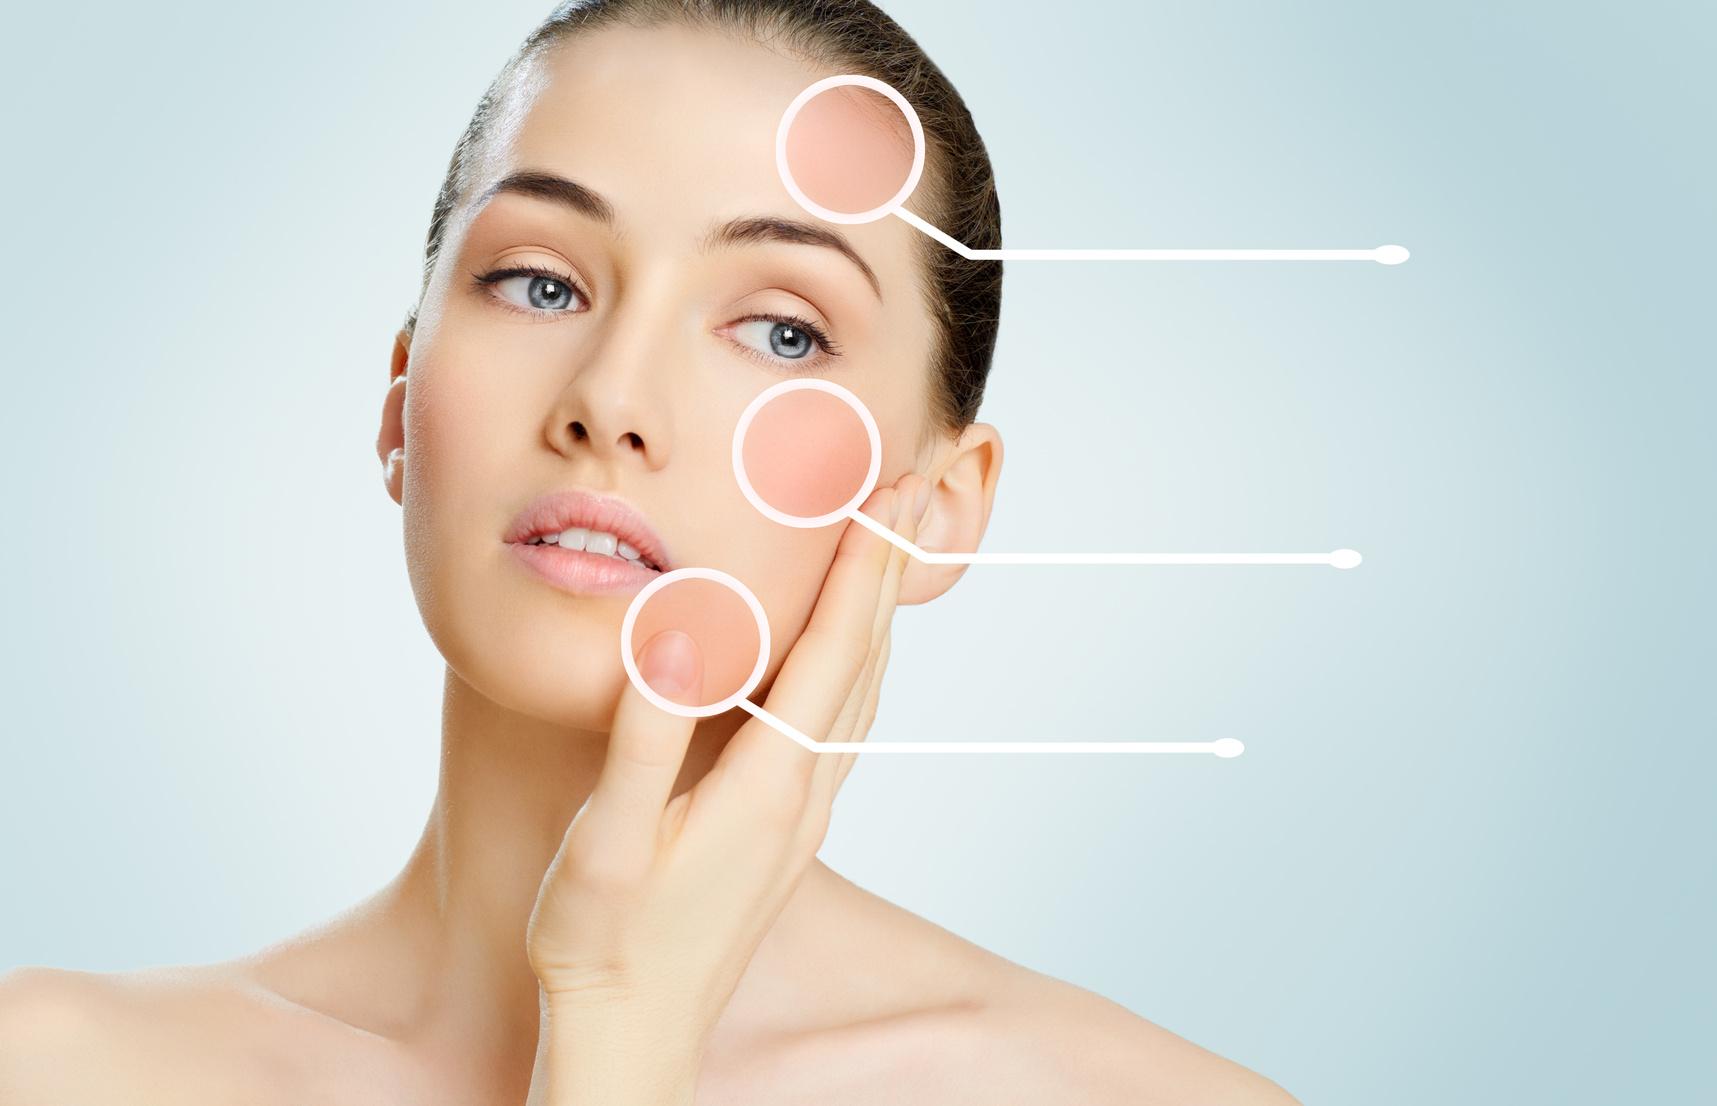 Tania i skuteczna apteczna pielęgnacja: skóry, włosów, rzęs, brwi i paznokci